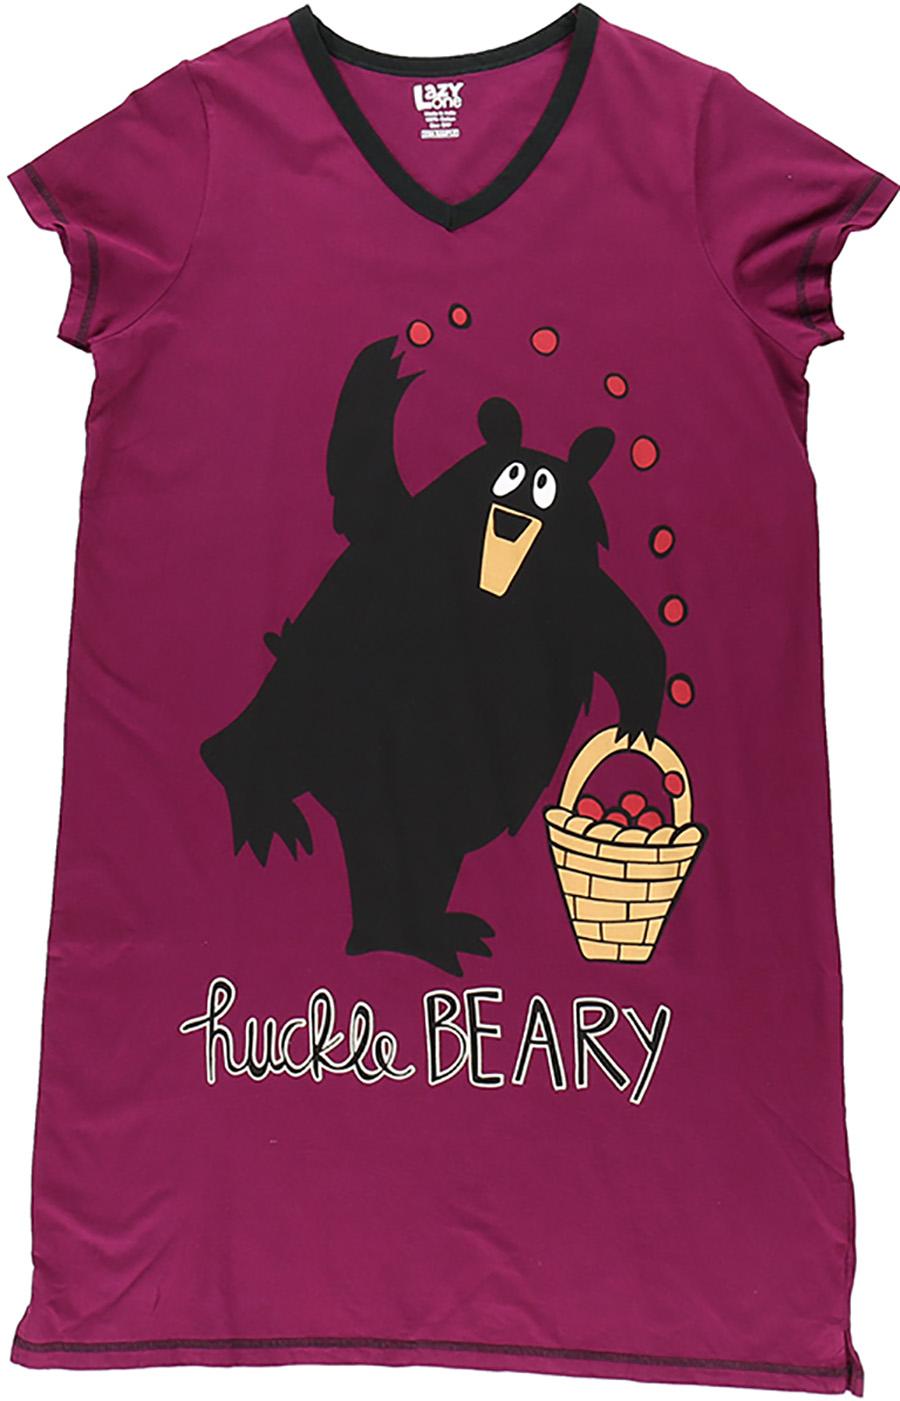 d69b7124b8 Hucklebeary Nightshirt